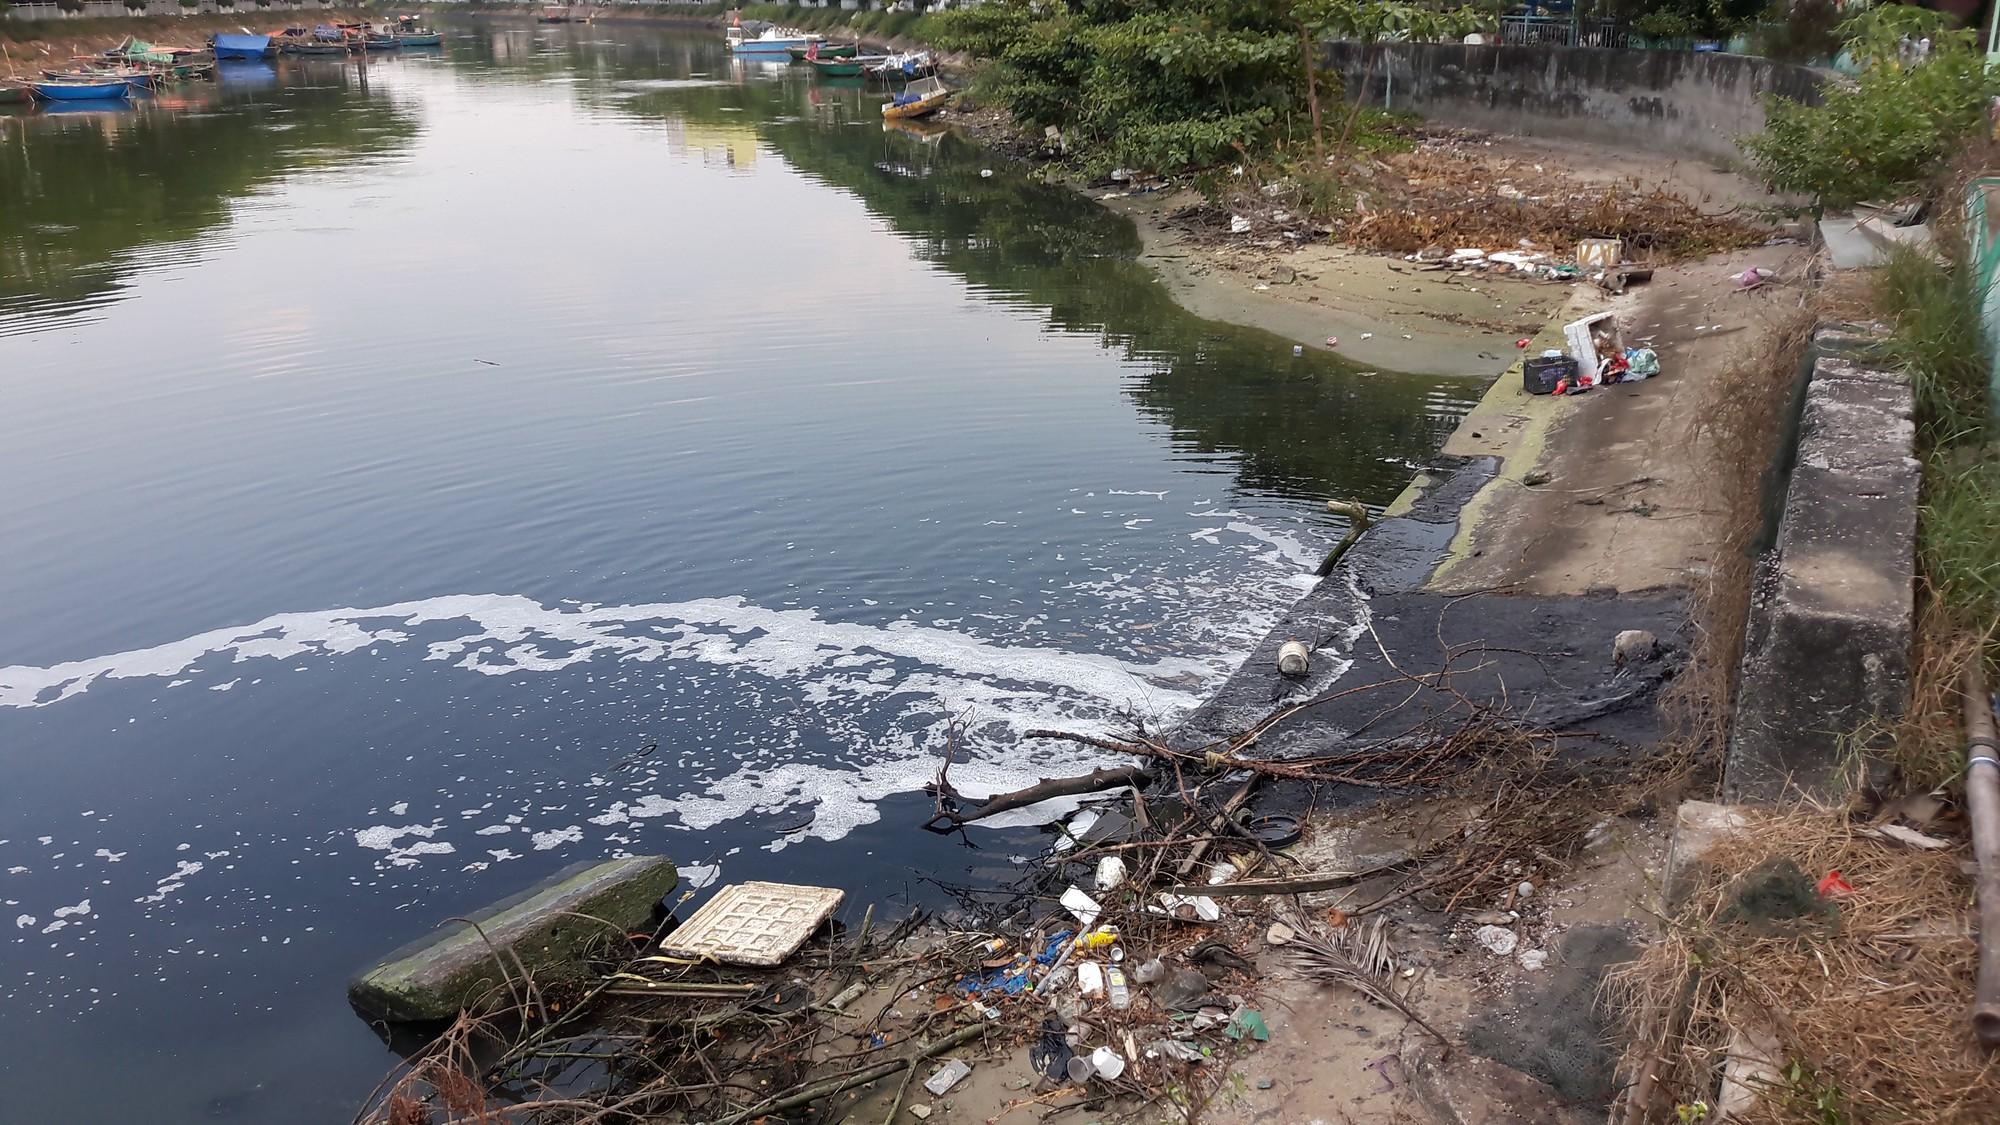 Nước thải đen ngòm, hôi thối lại tuôn ào ạt sông Phú Lộc, biển Đà Nẵng dịp nghỉ lễ - Ảnh 2.